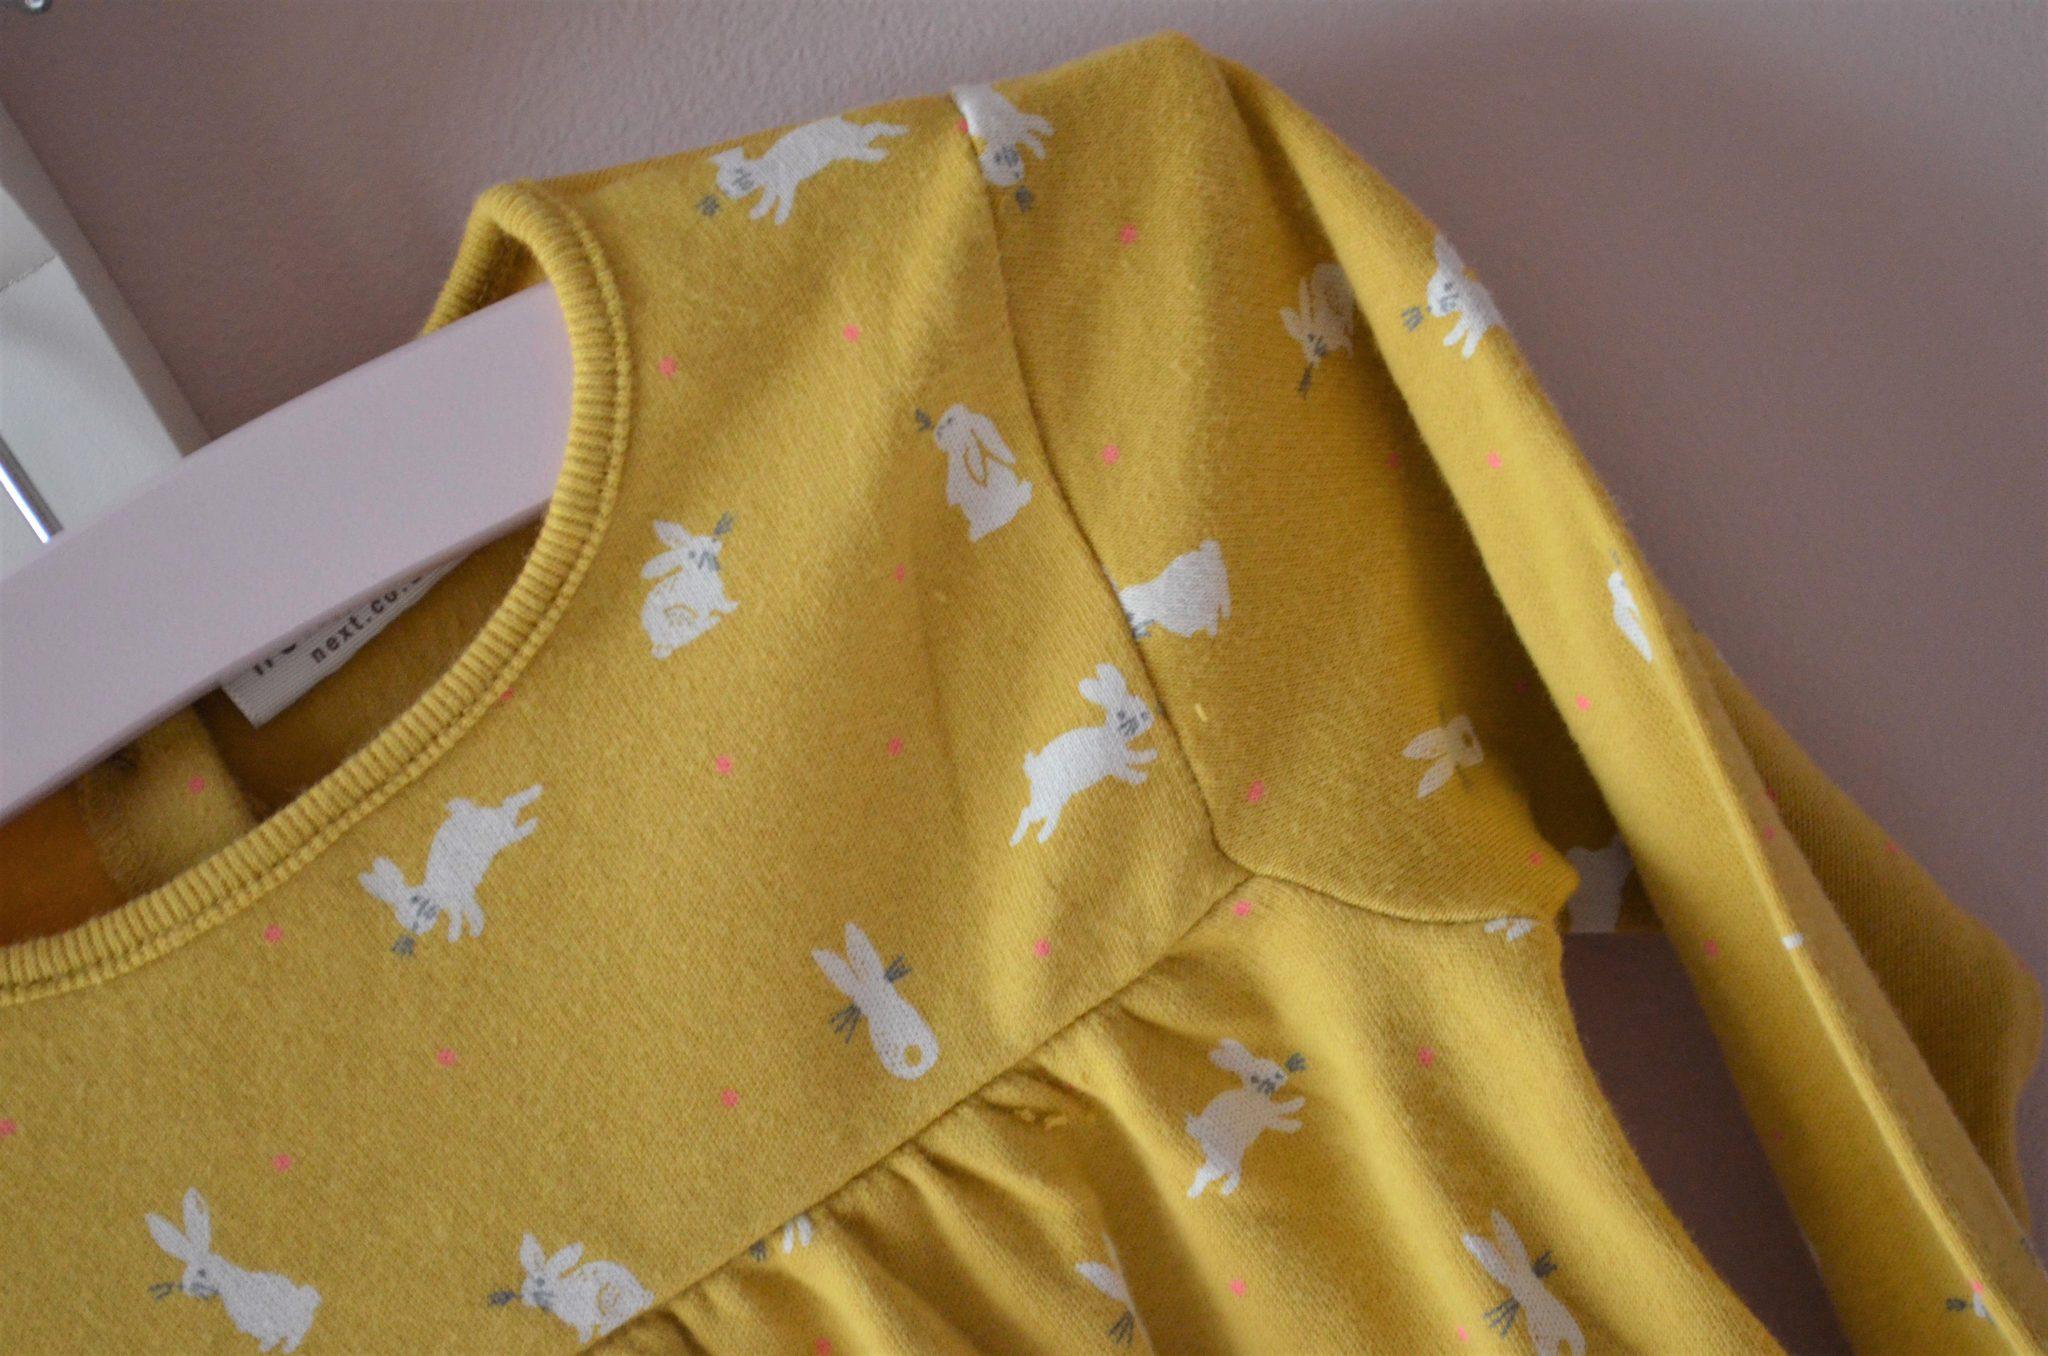 DSC 0338 4928x3264 - Herfstkleding voor Hazel van de H&M en Next Direct